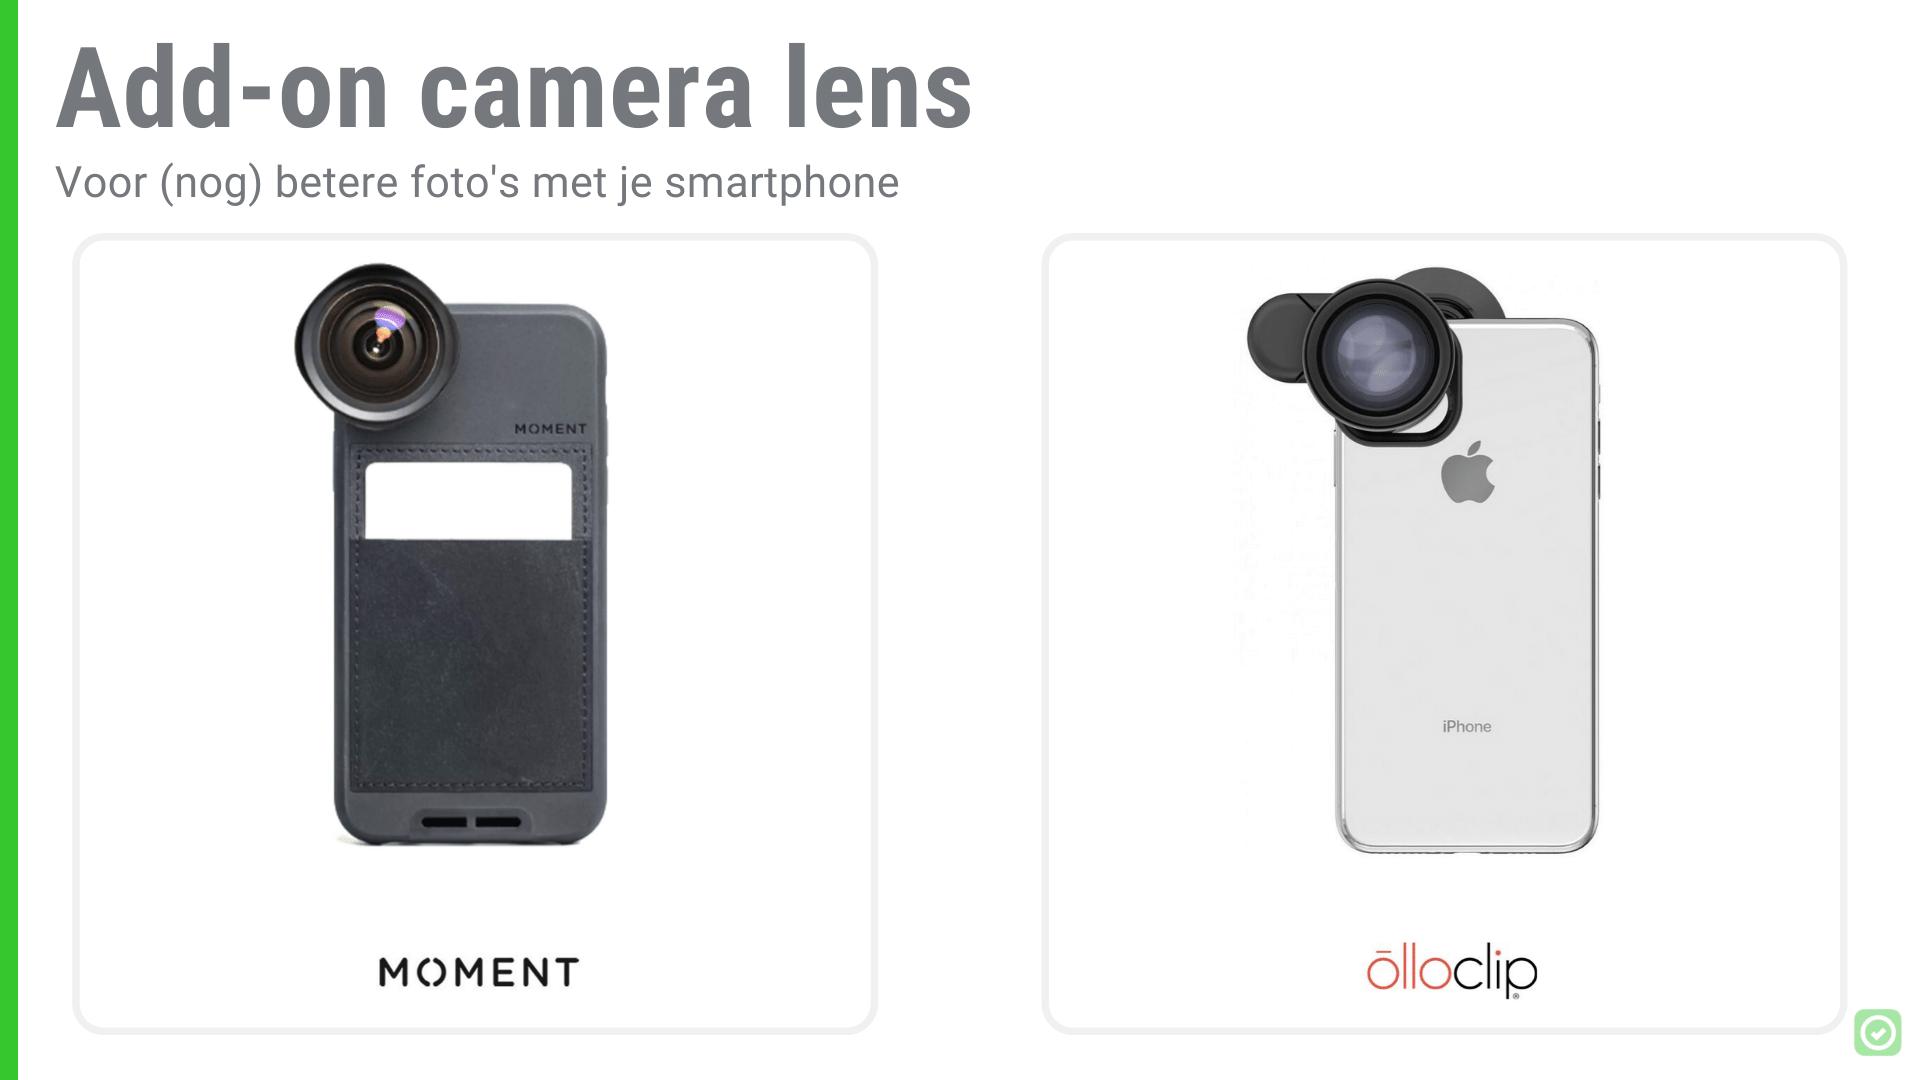 14 Onmisbare tools voor Architecten - Add-on Camera Lens en flits om de belichting te verbeteren | ArchiSnapper